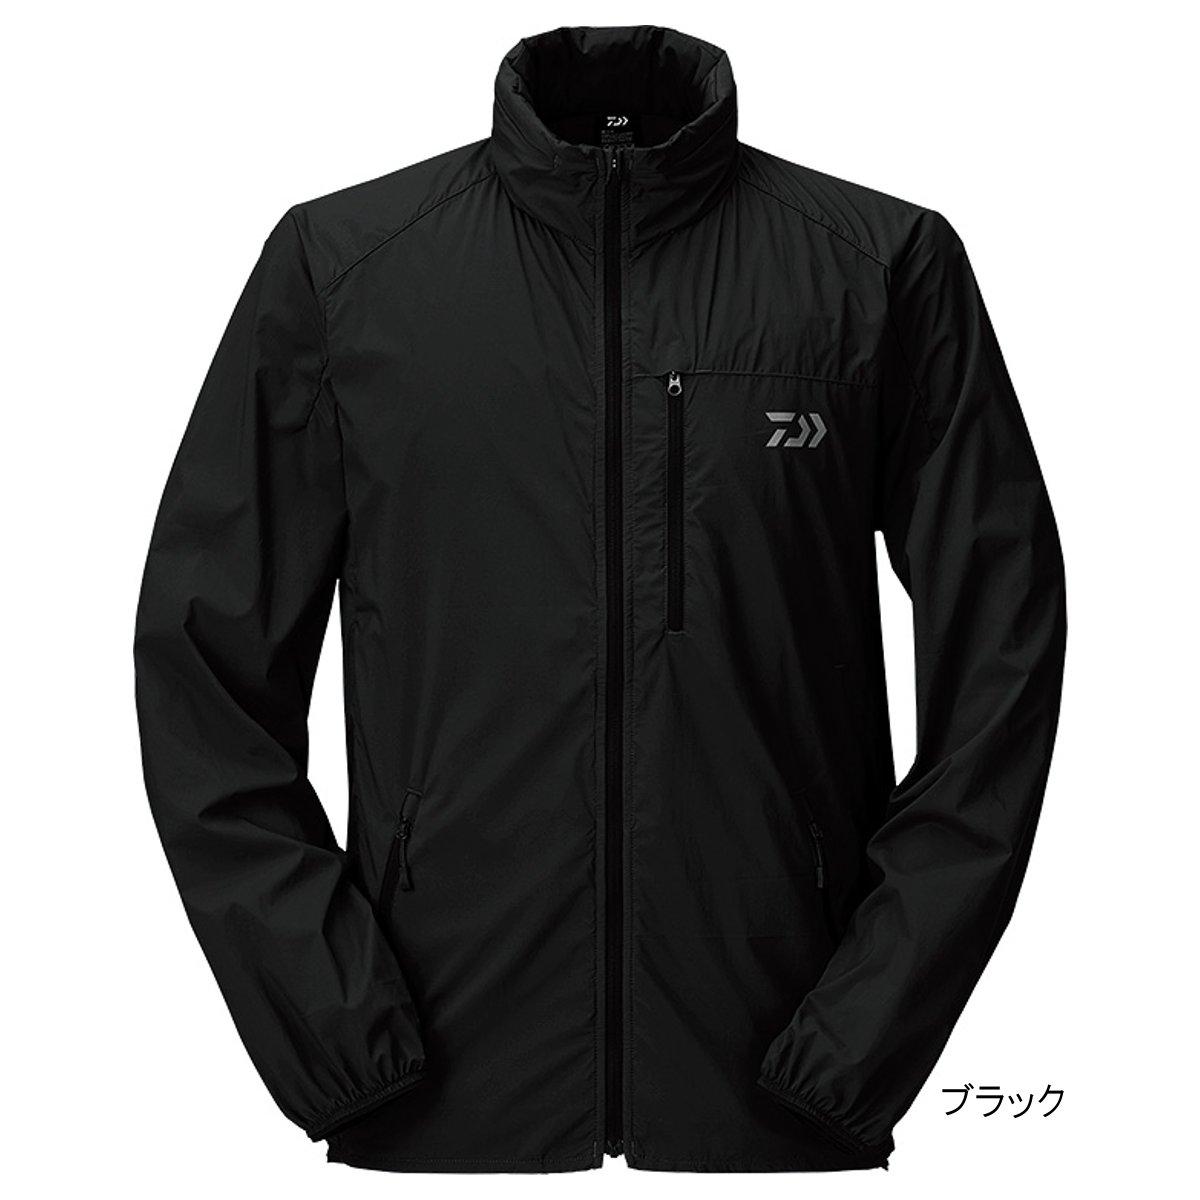 ダイワ ポケッタブルウィンドジャケット DJ-33009 2XL ブラック【送料無料】